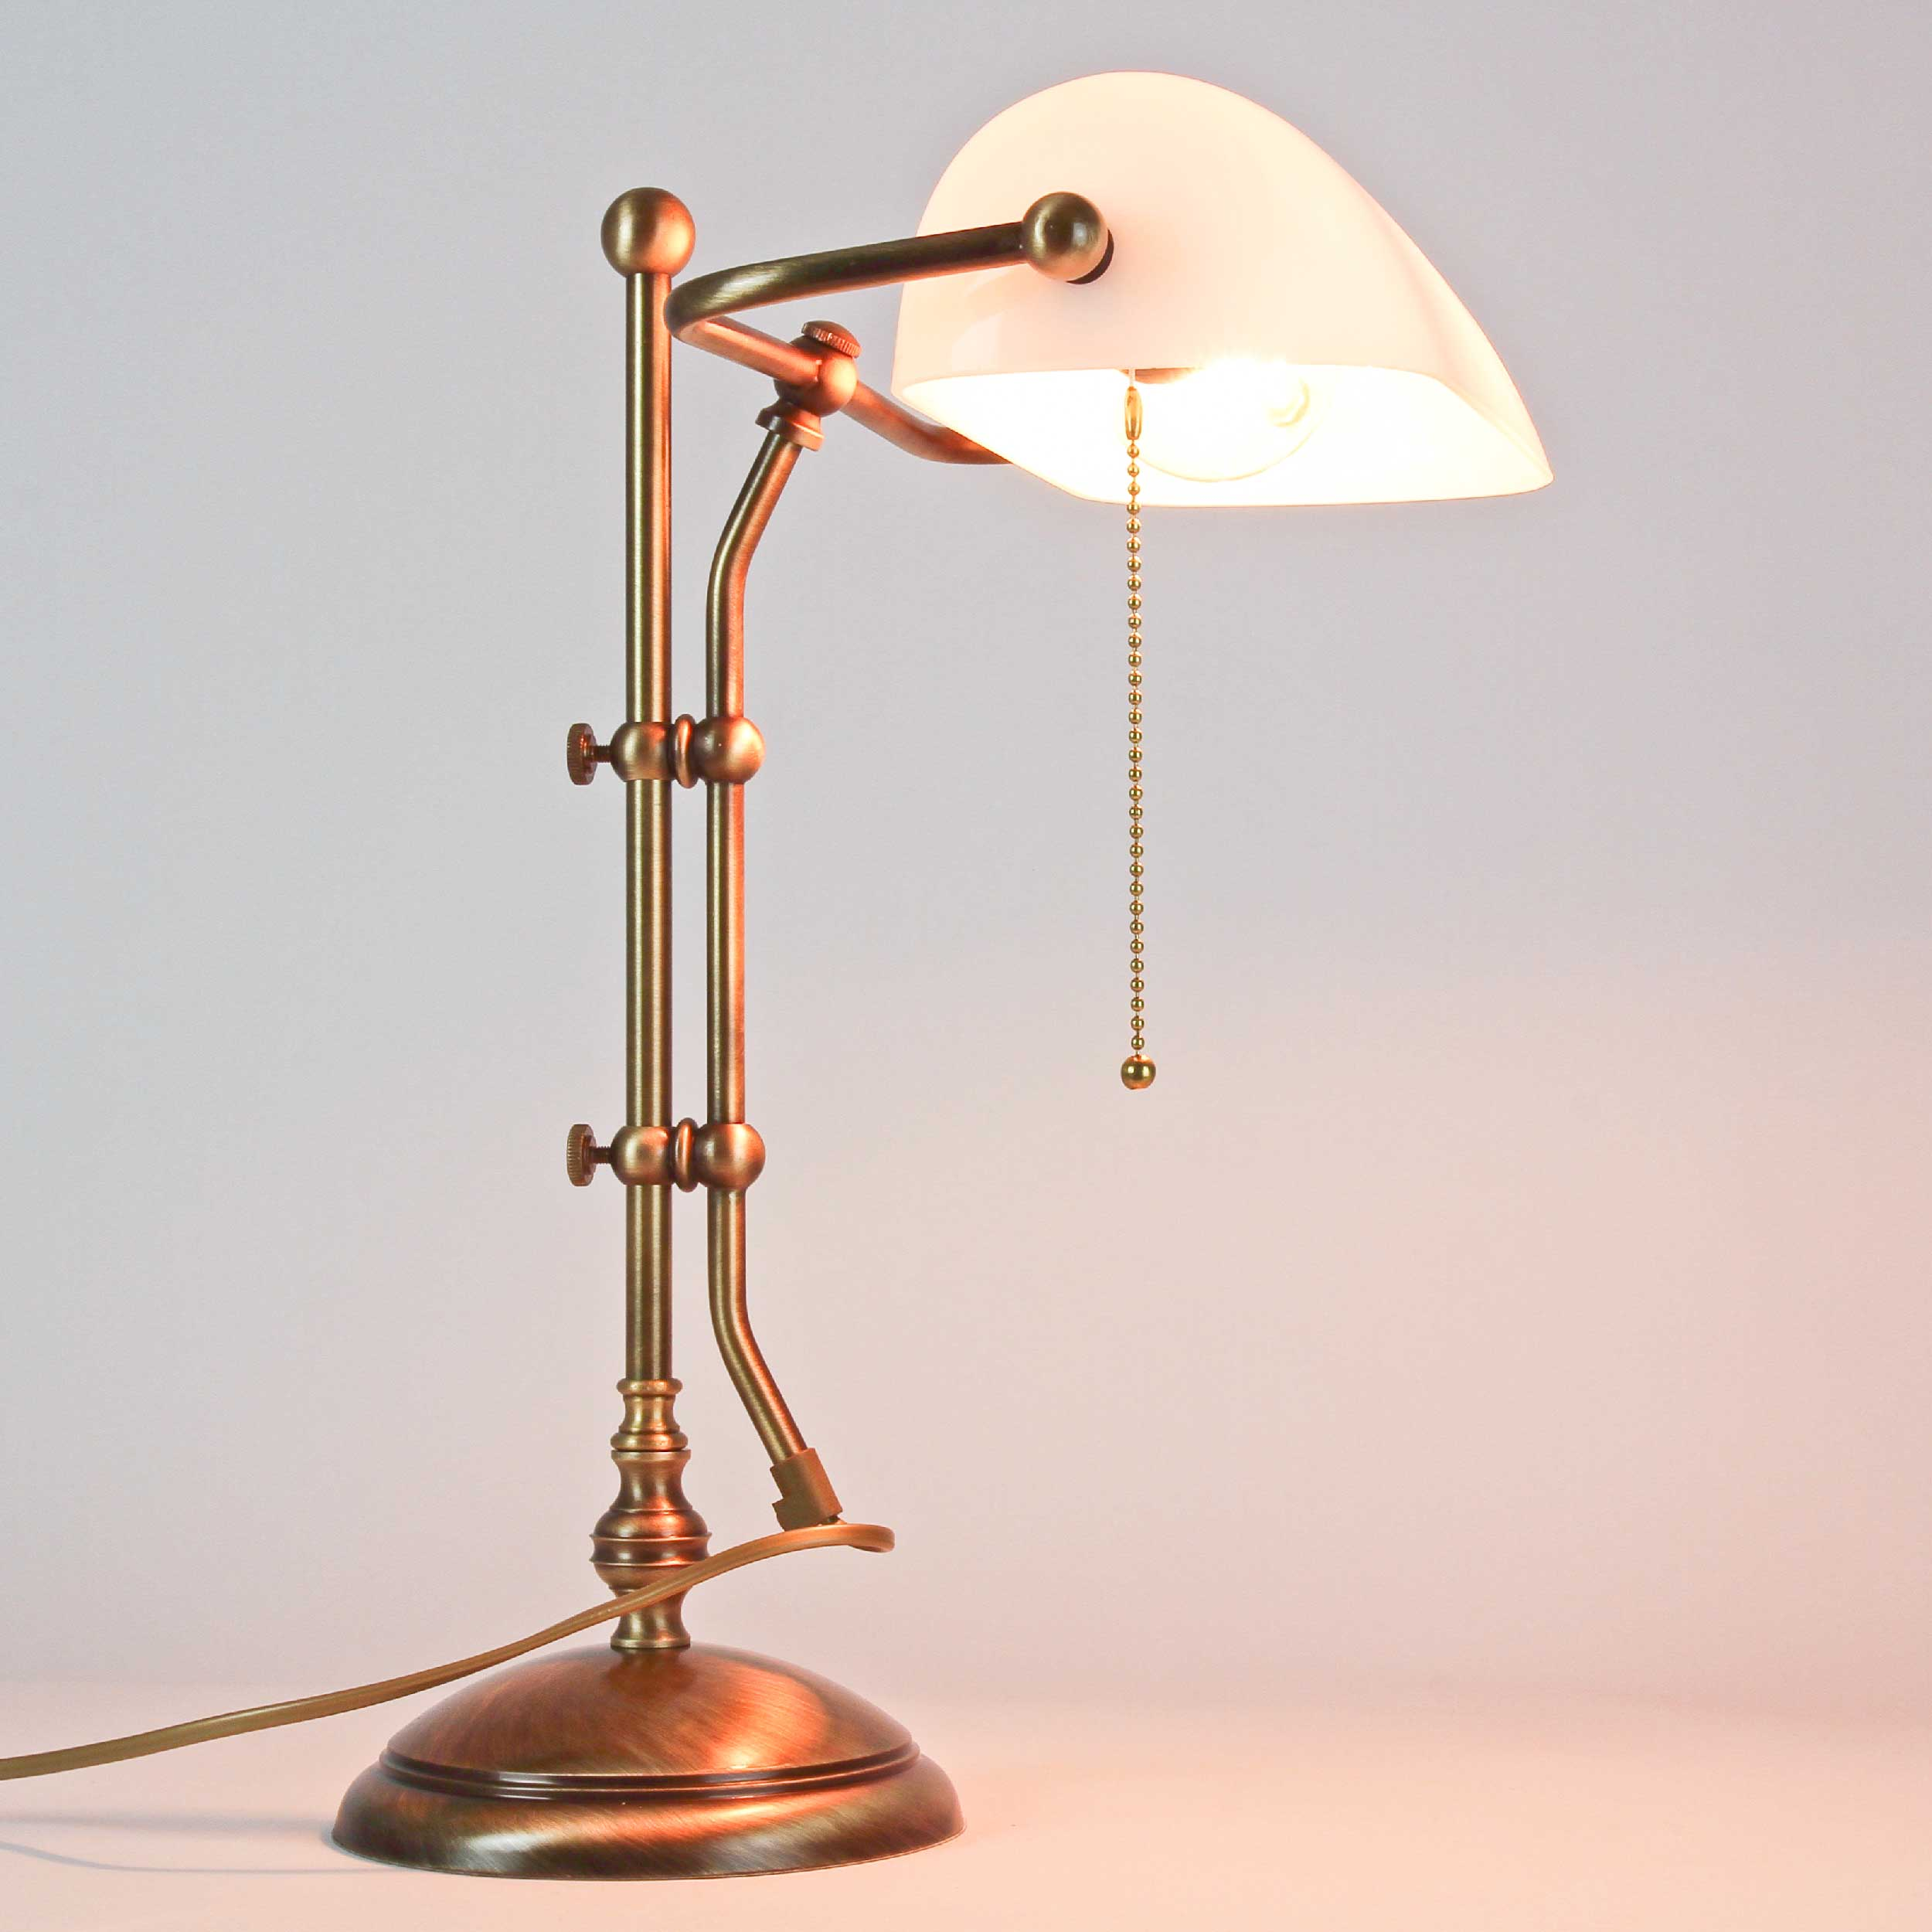 Tischlampe Messing in Bronze mit Glas Premium